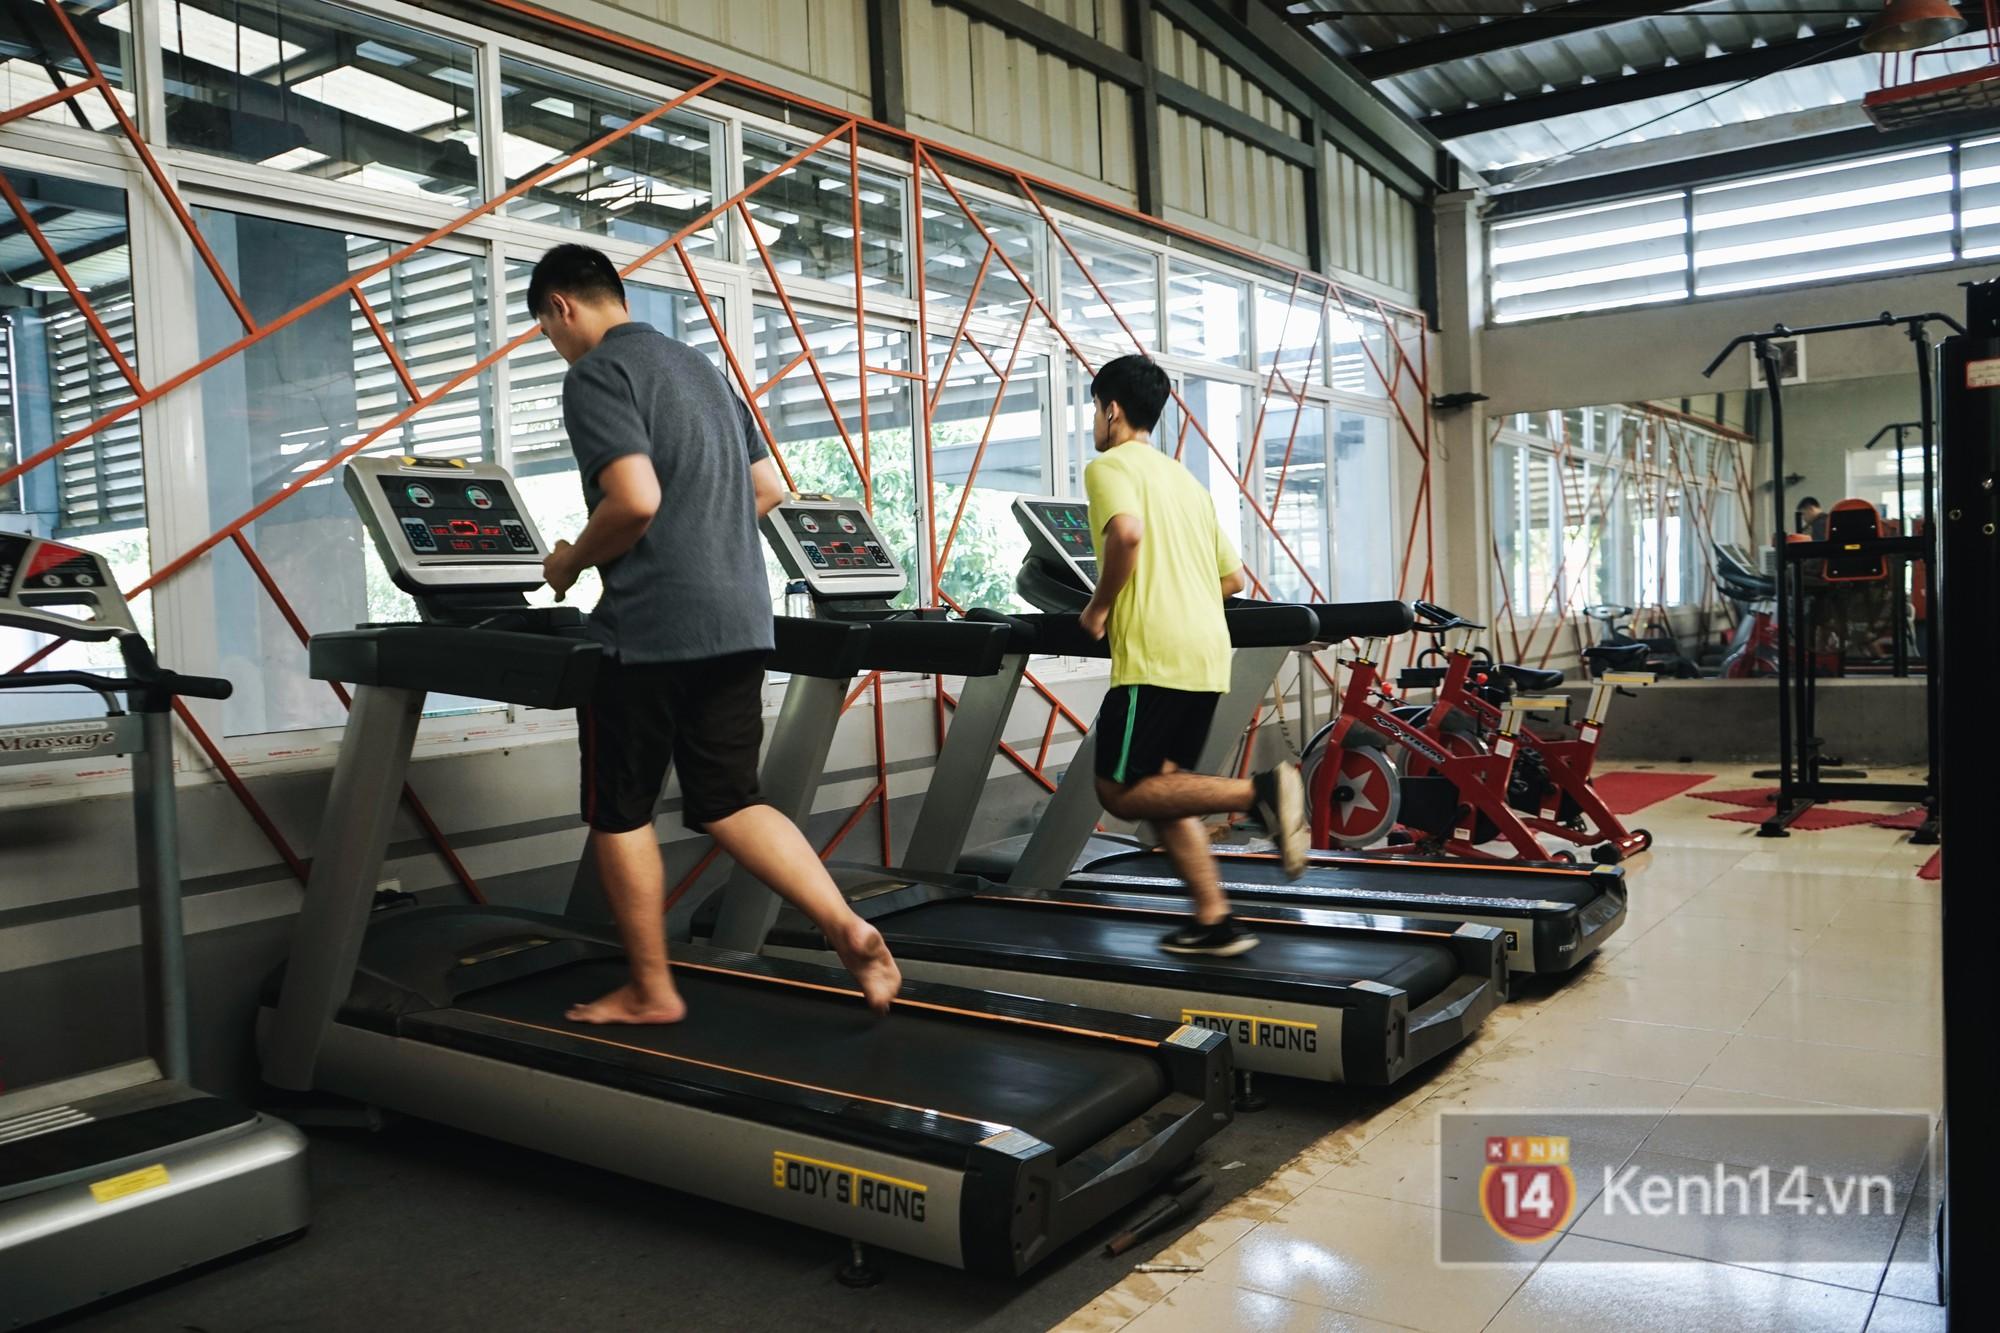 Phòng tập gym với đầy đủ tiện nghi. Tầm 5 - 6h chiều là rất đông các bạn sinh viên đến đây để tập gym.